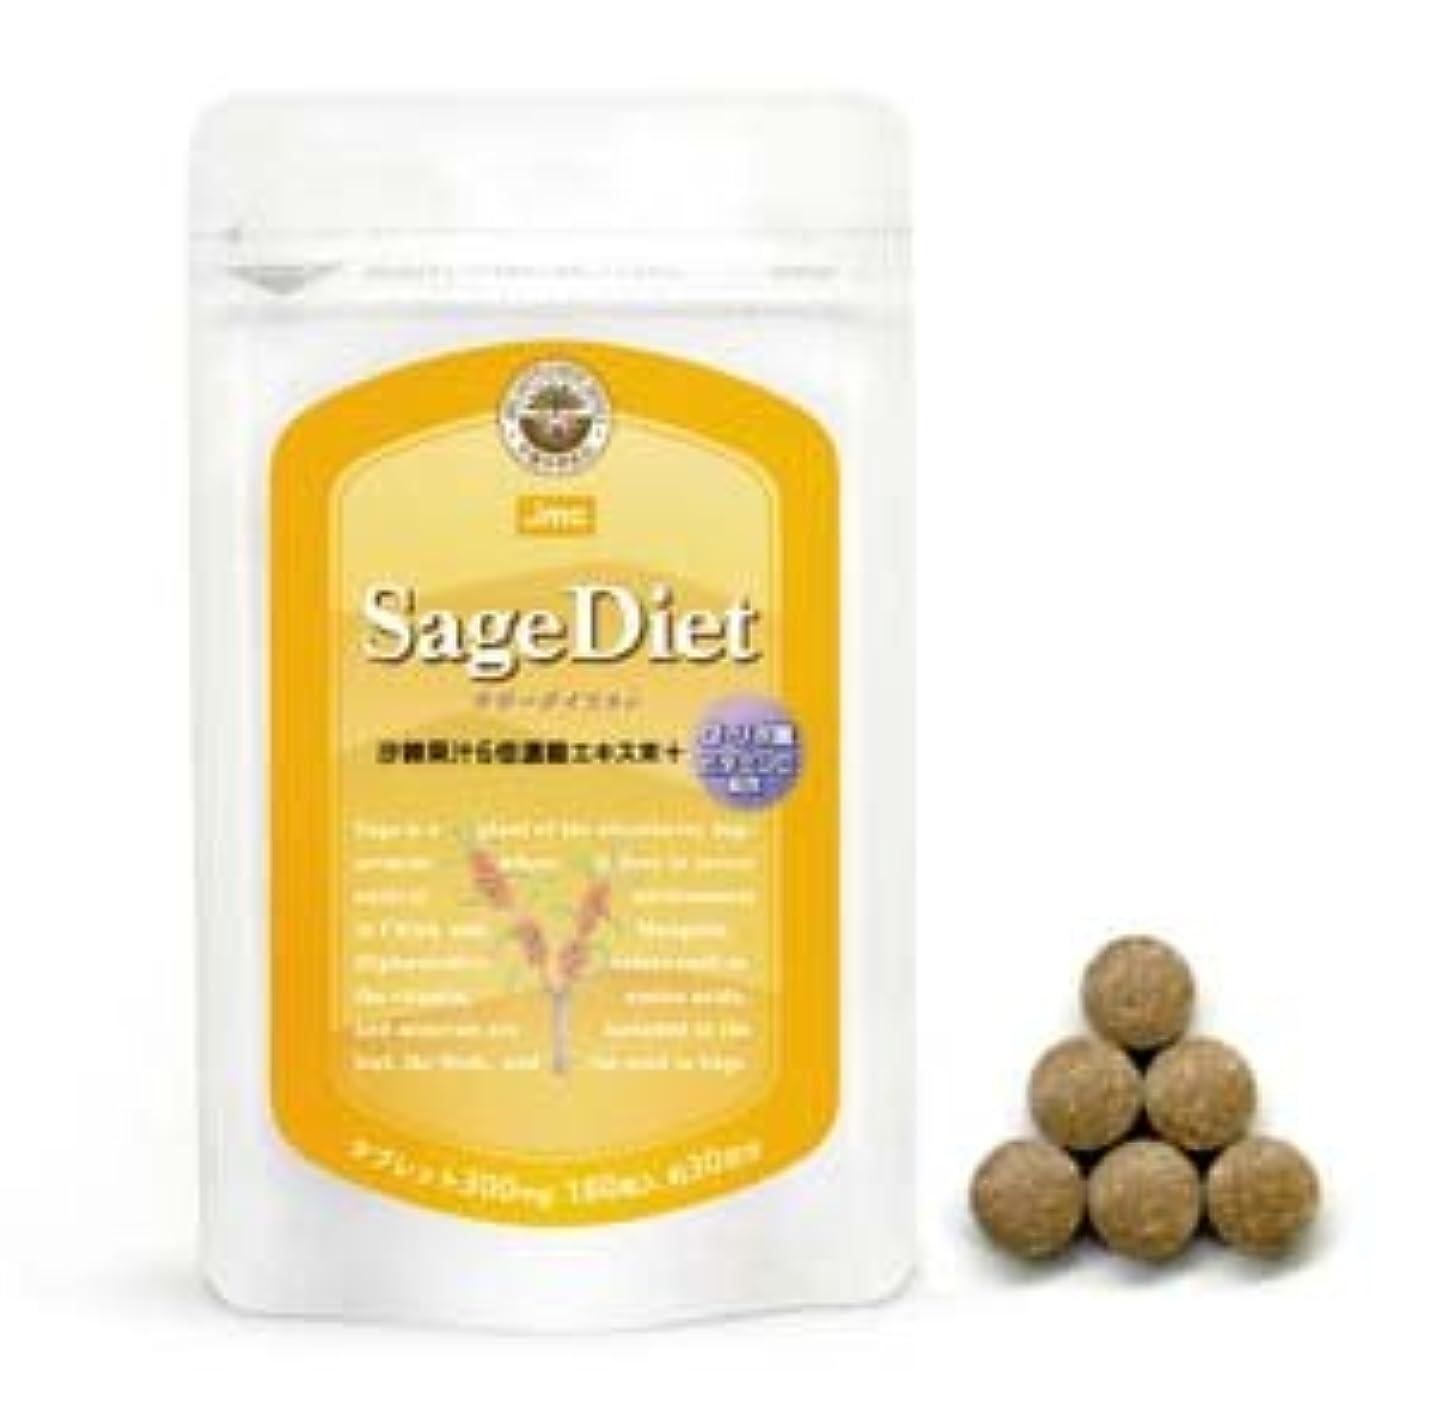 縁大宇宙農業ジェイエムシー Sage Diet(サジーダイエット)  300mg×180粒